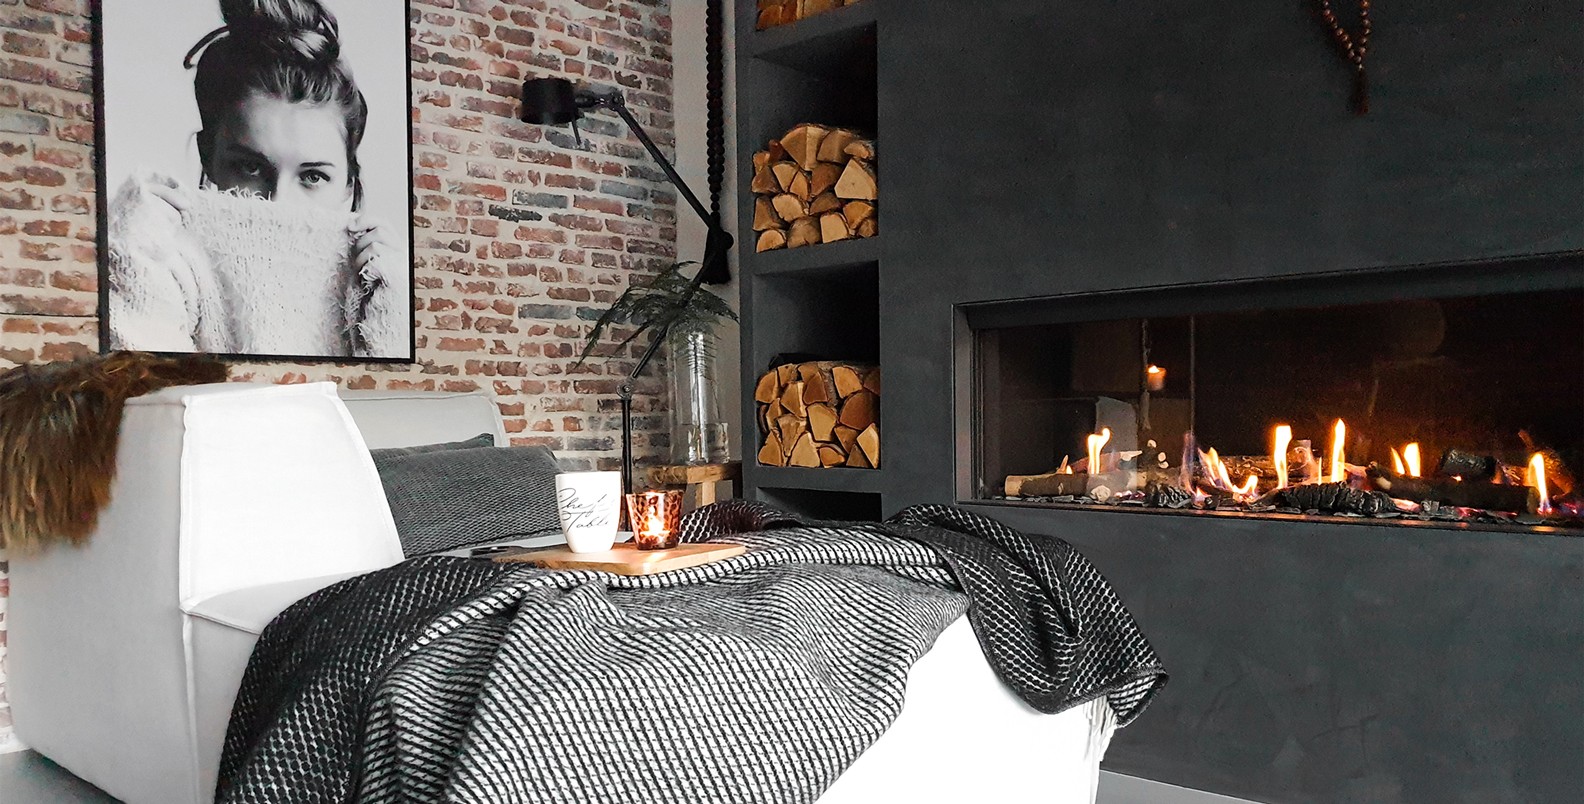 Maak van je huis je eigen winterchalet